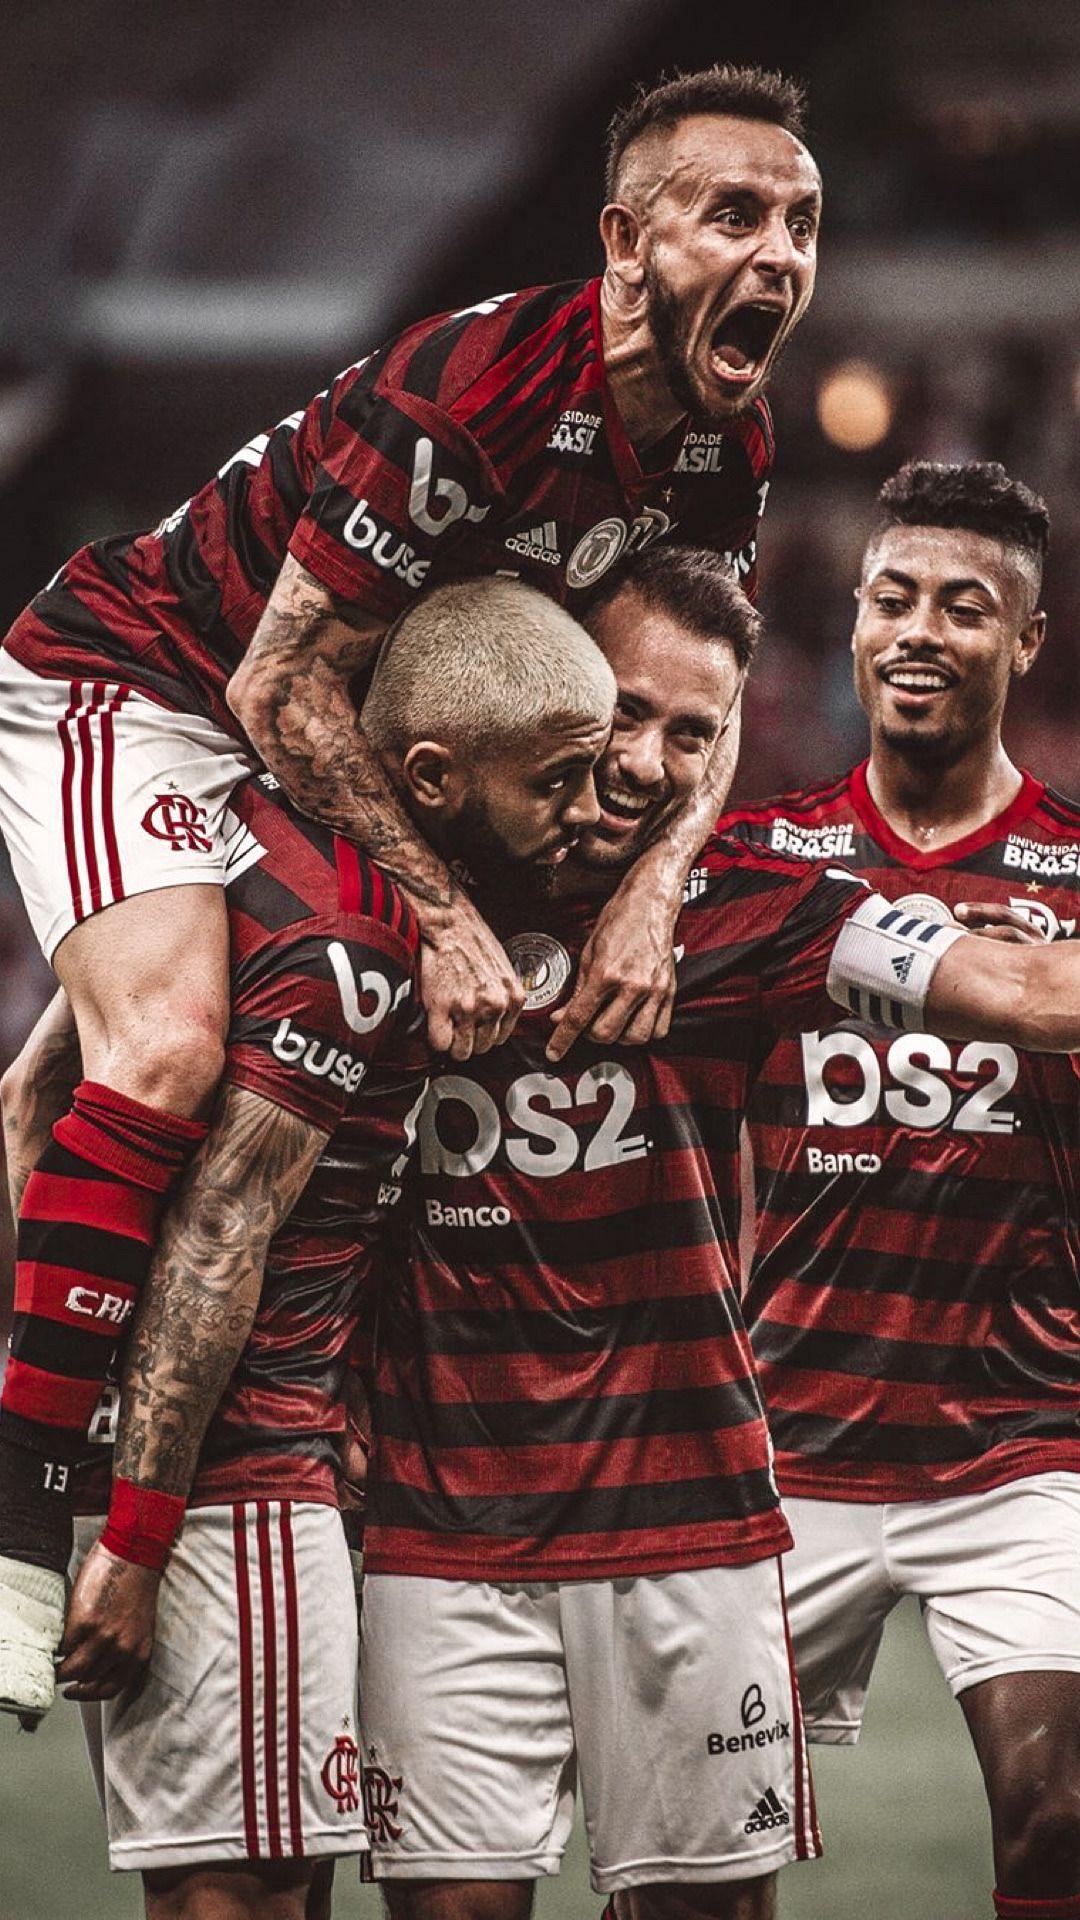 Pin de Sergey Panfilov em спорт em 2020 Flamengo e